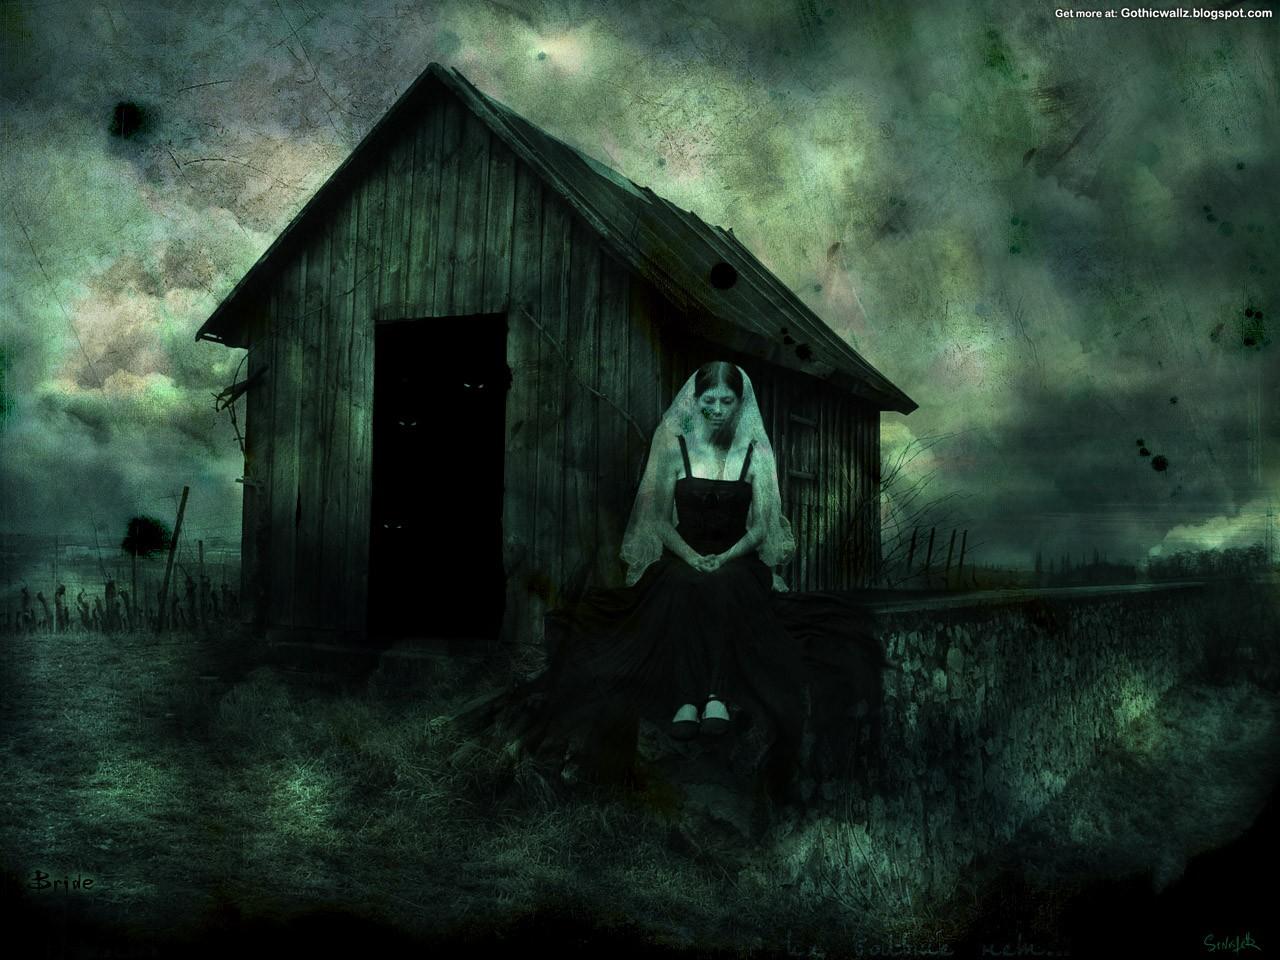 Gothicwallz-Bride.jpg